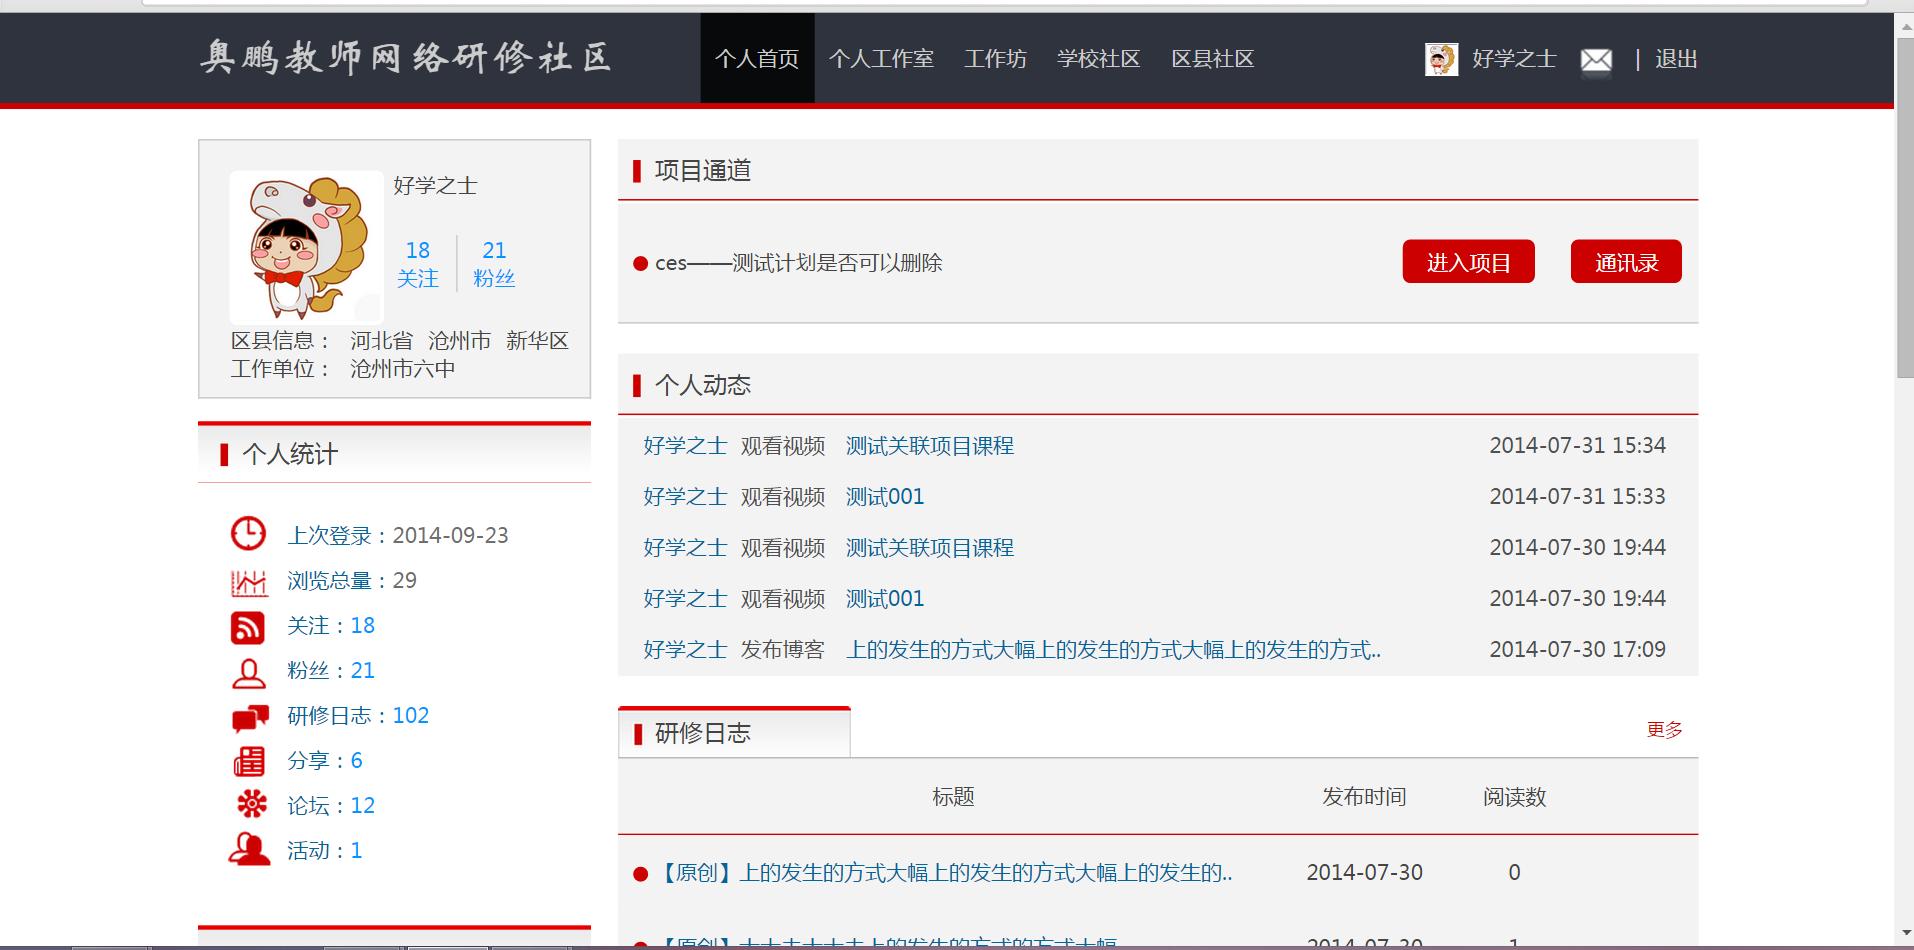 bbs论坛_(1p)        包括奥鹏网络研修社区,奥鹏网络研修社区论坛,后台